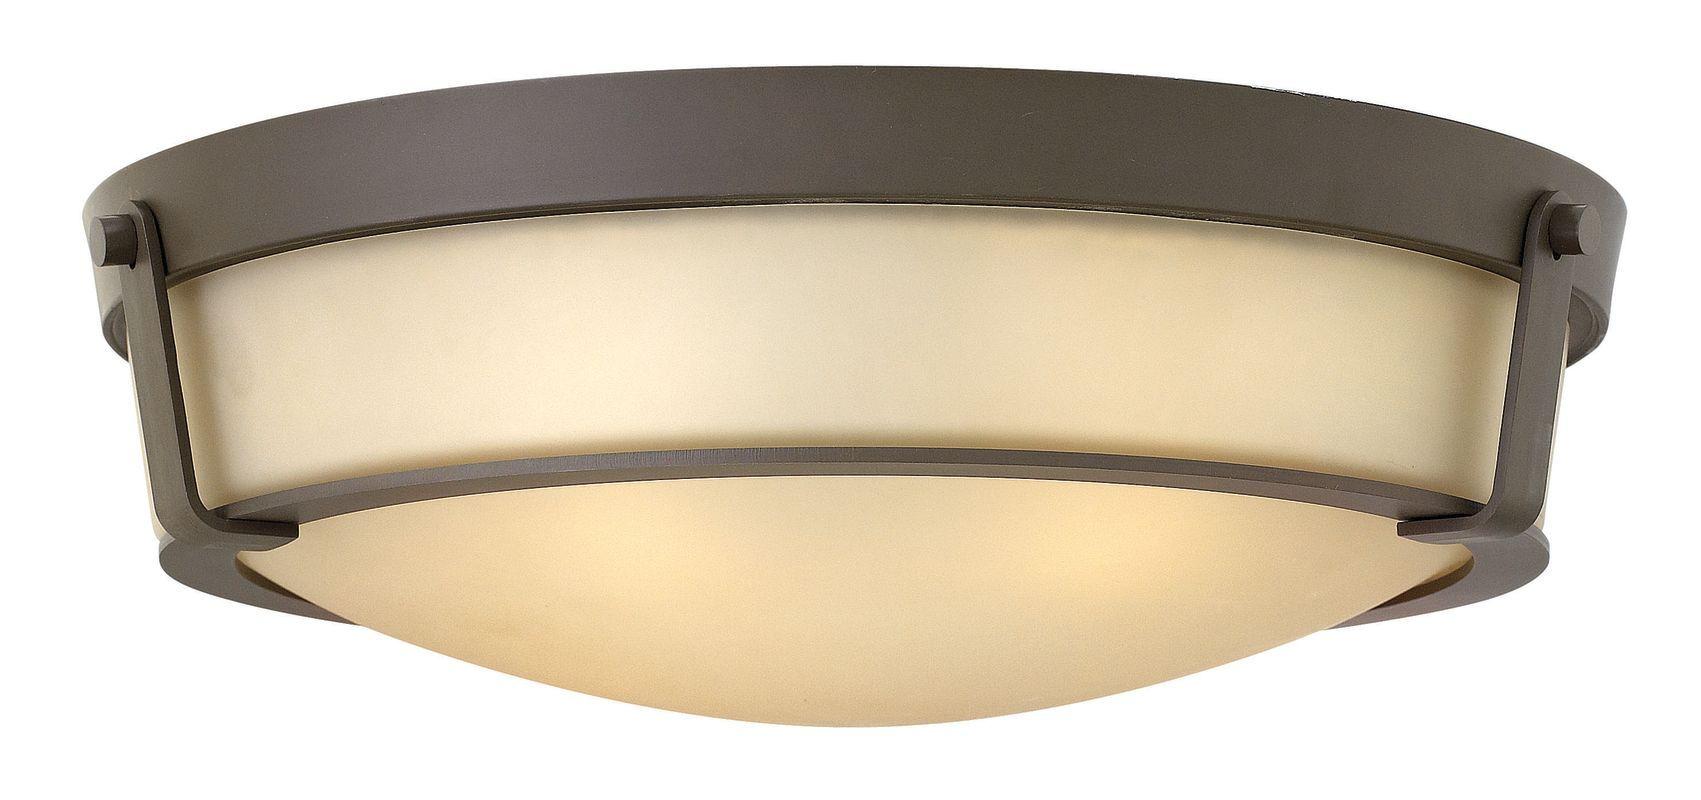 Hinkley Lighting 3226 Gu24 4 Light Title 24 Fluorescent Flush